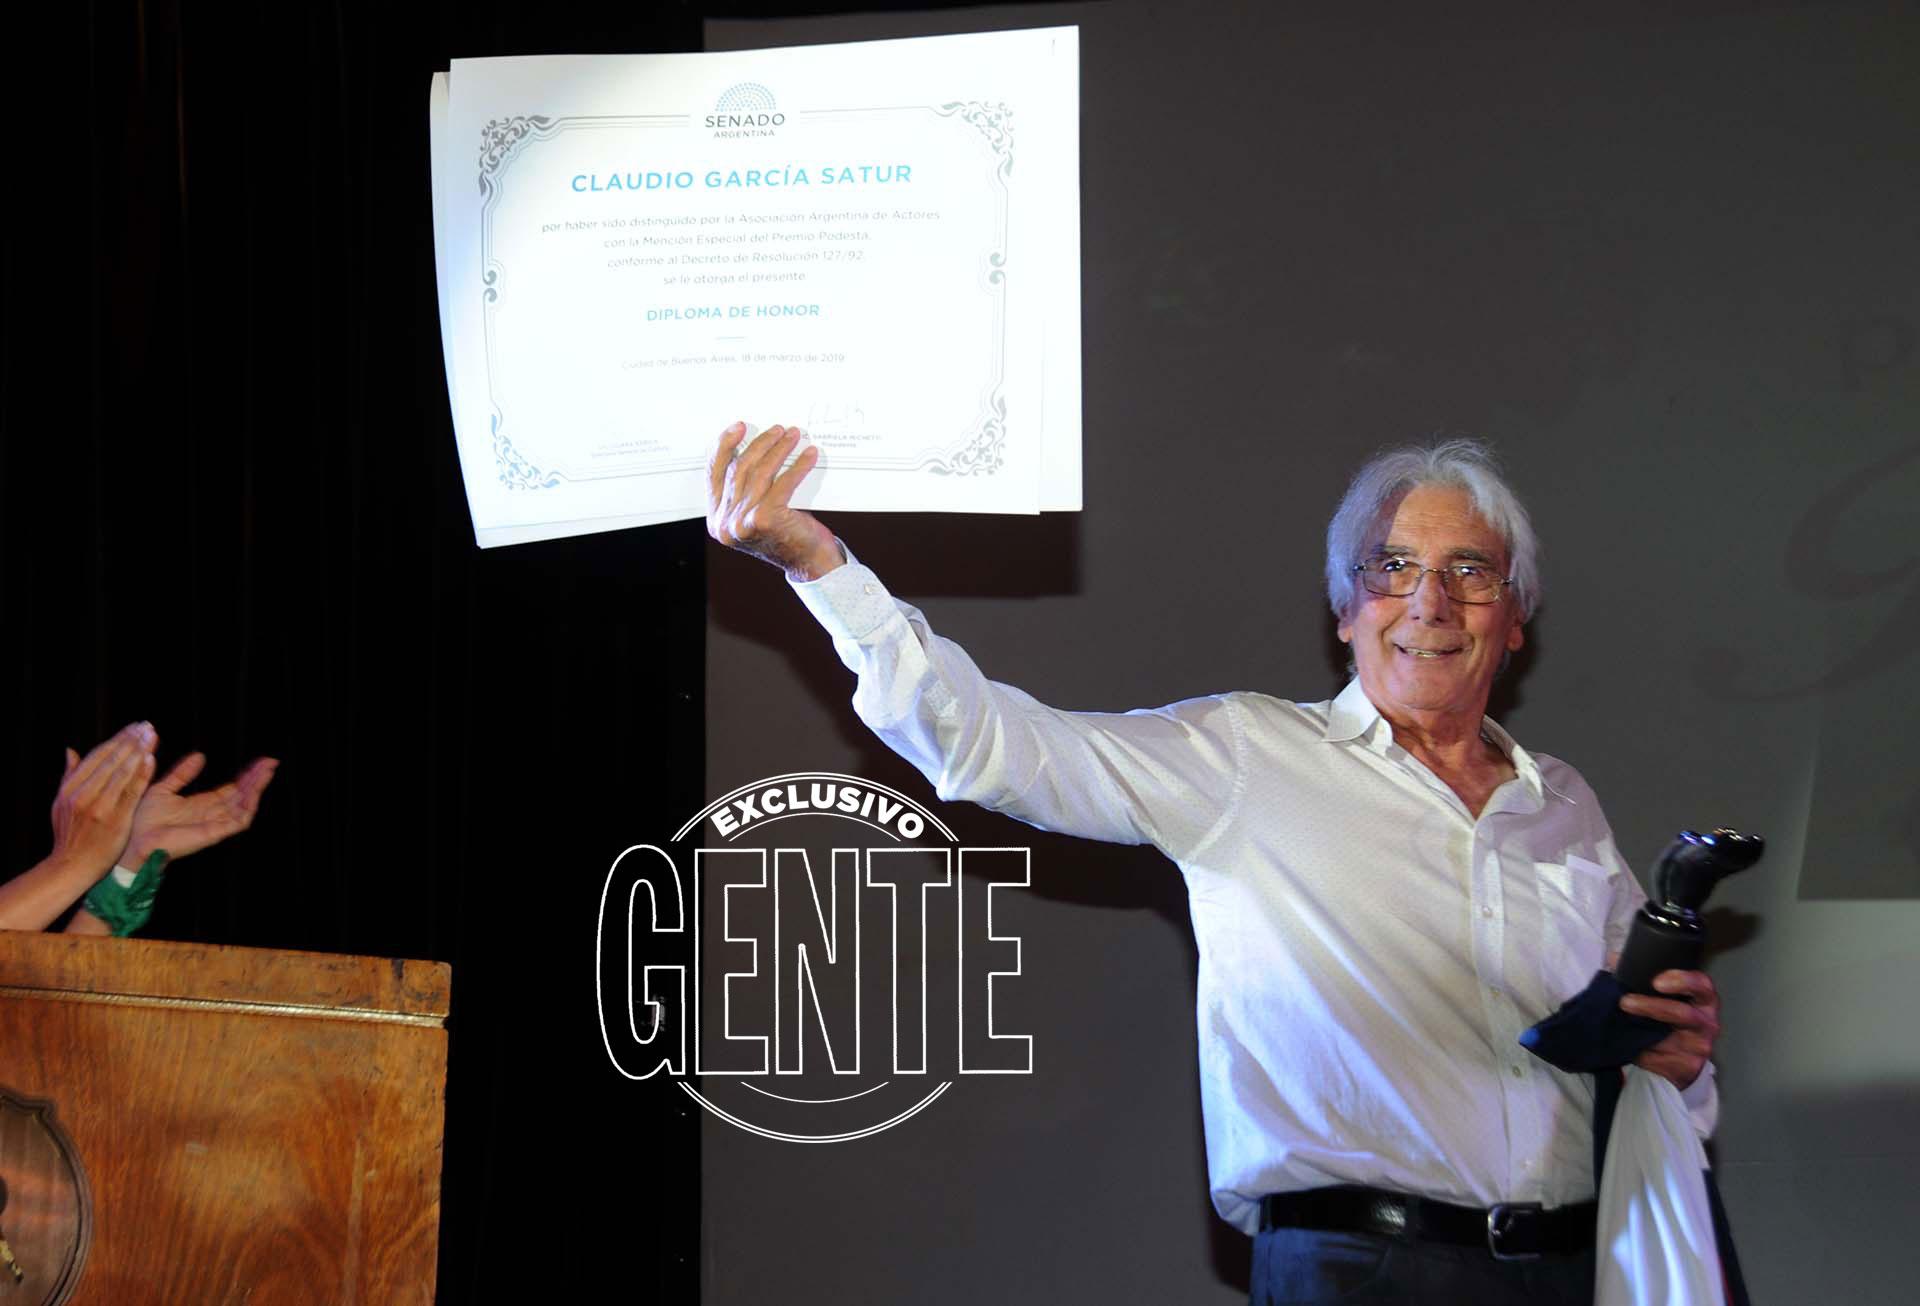 Claudio García Satur recibió un merecido homenaje. Foto: Enrique García Medina/GENTE